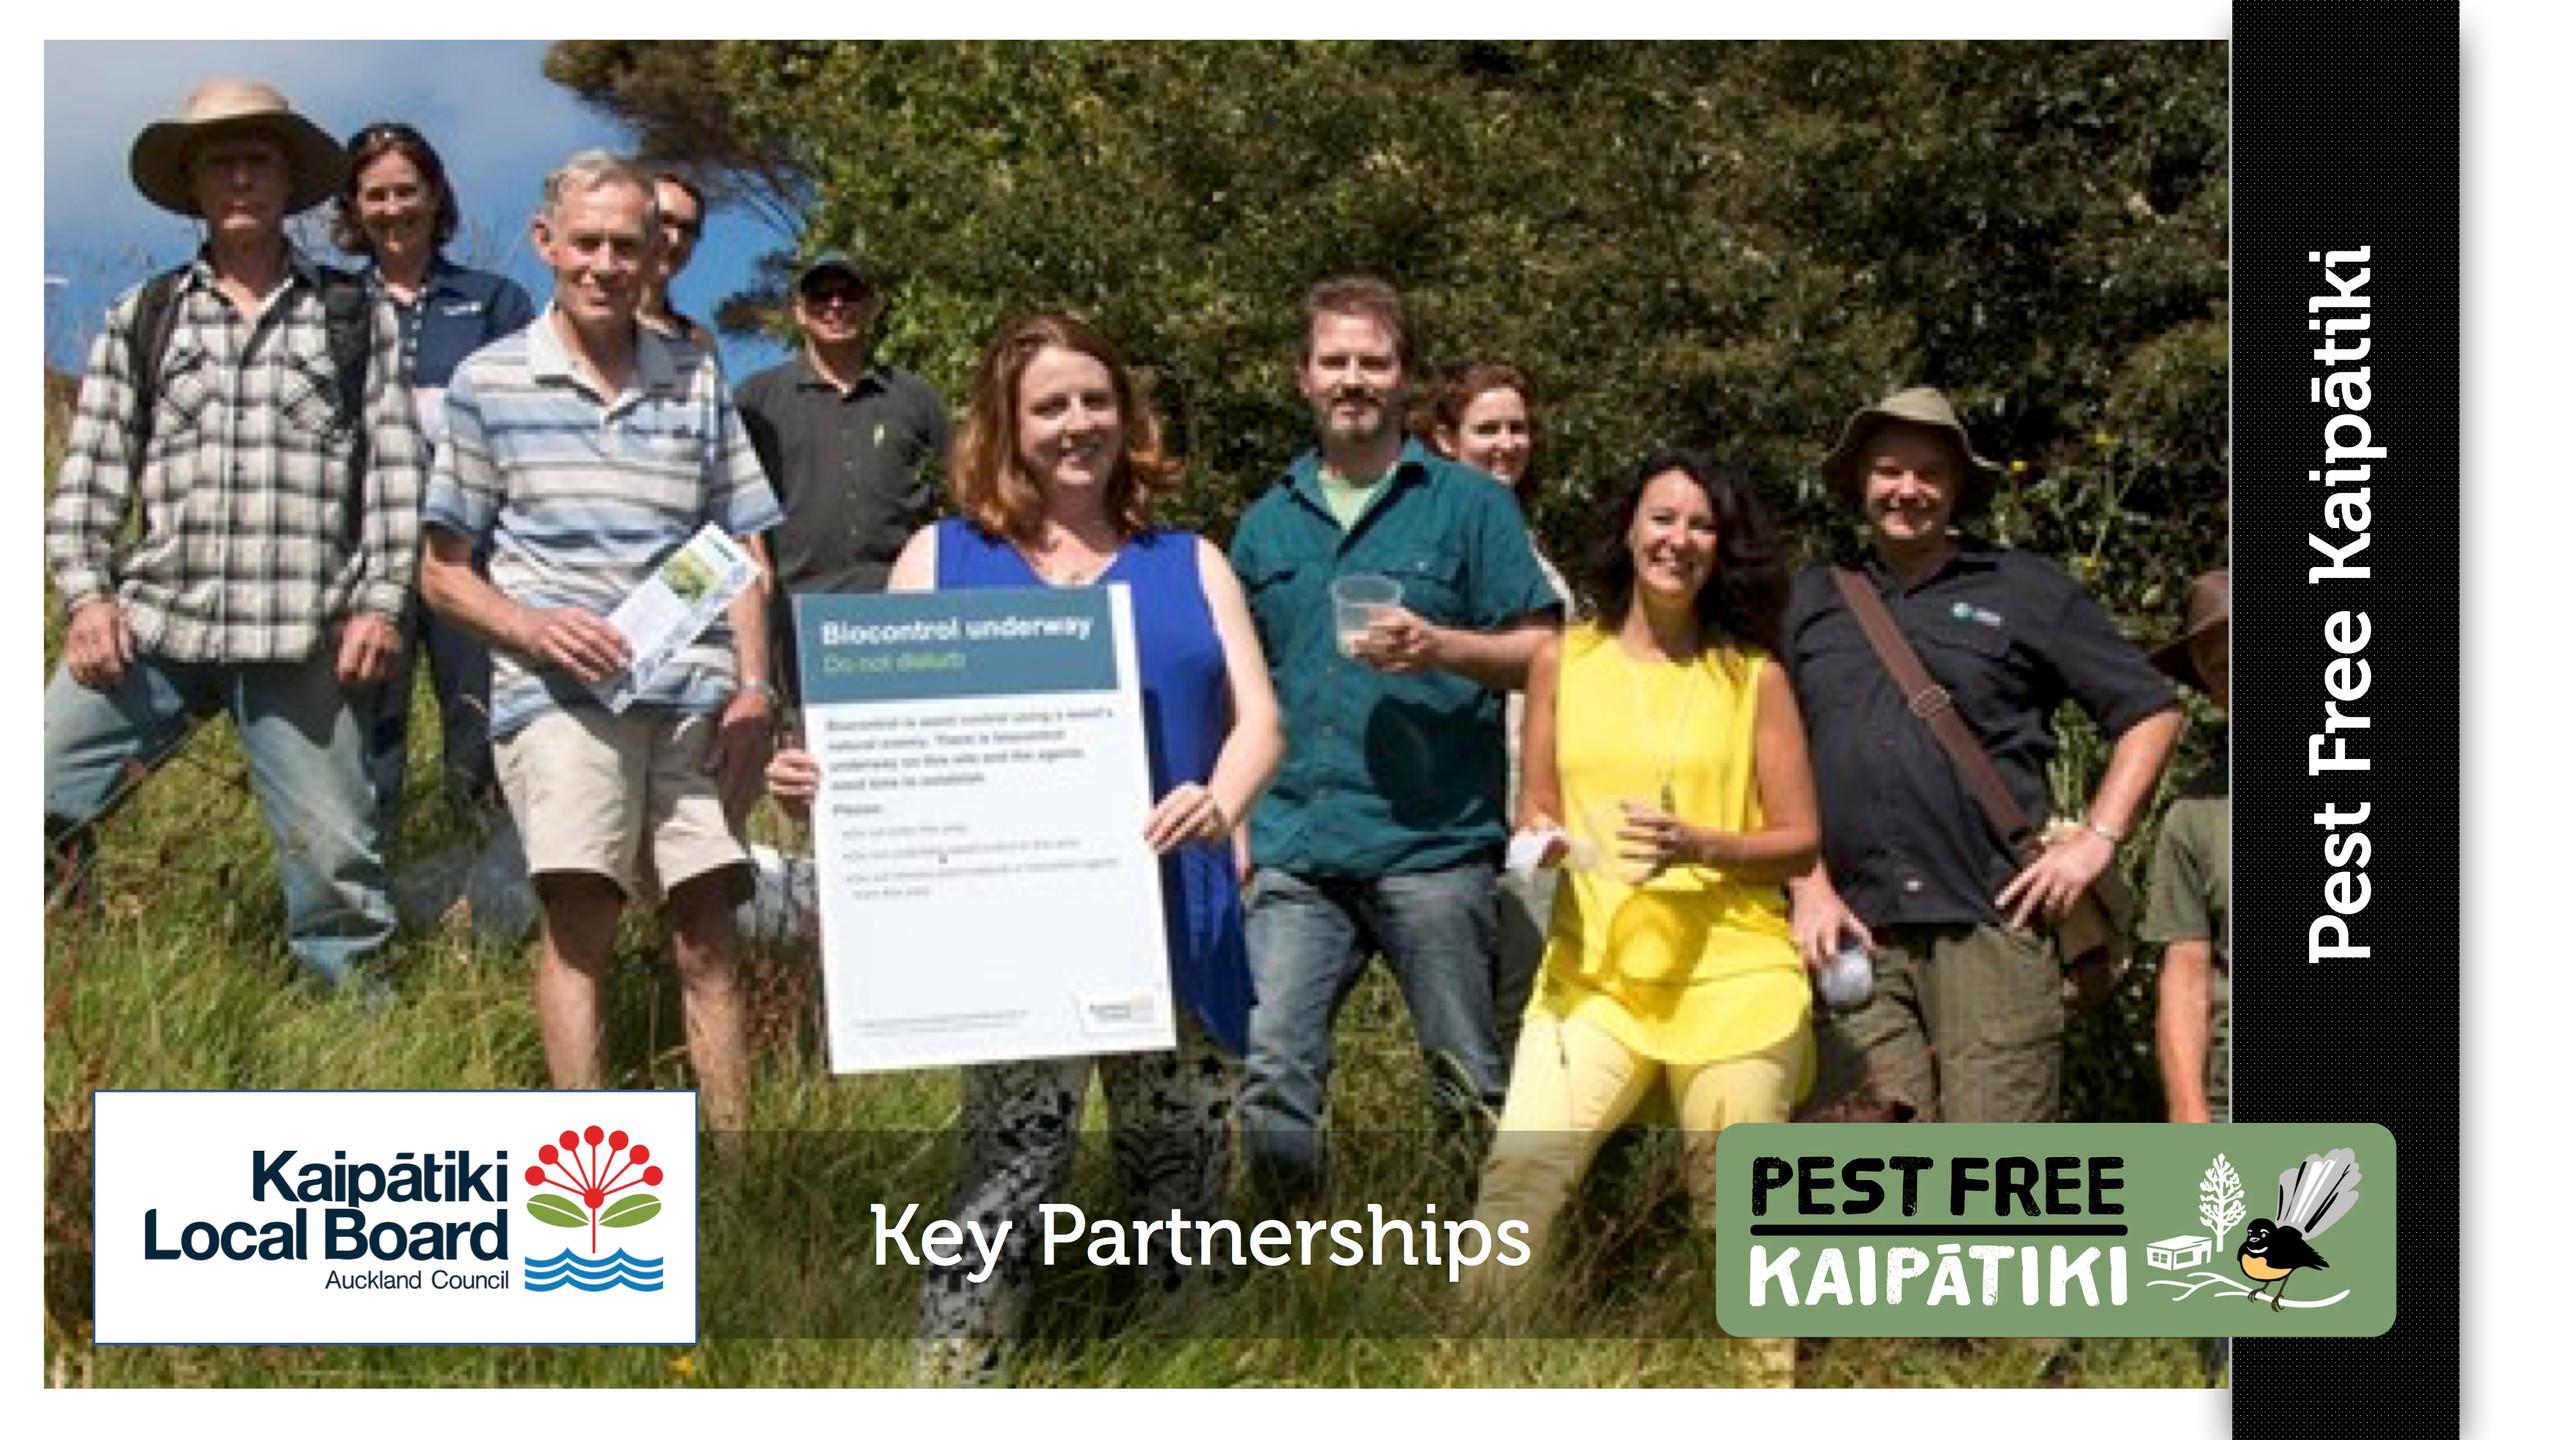 Pest Free Kaipatiki - NEW